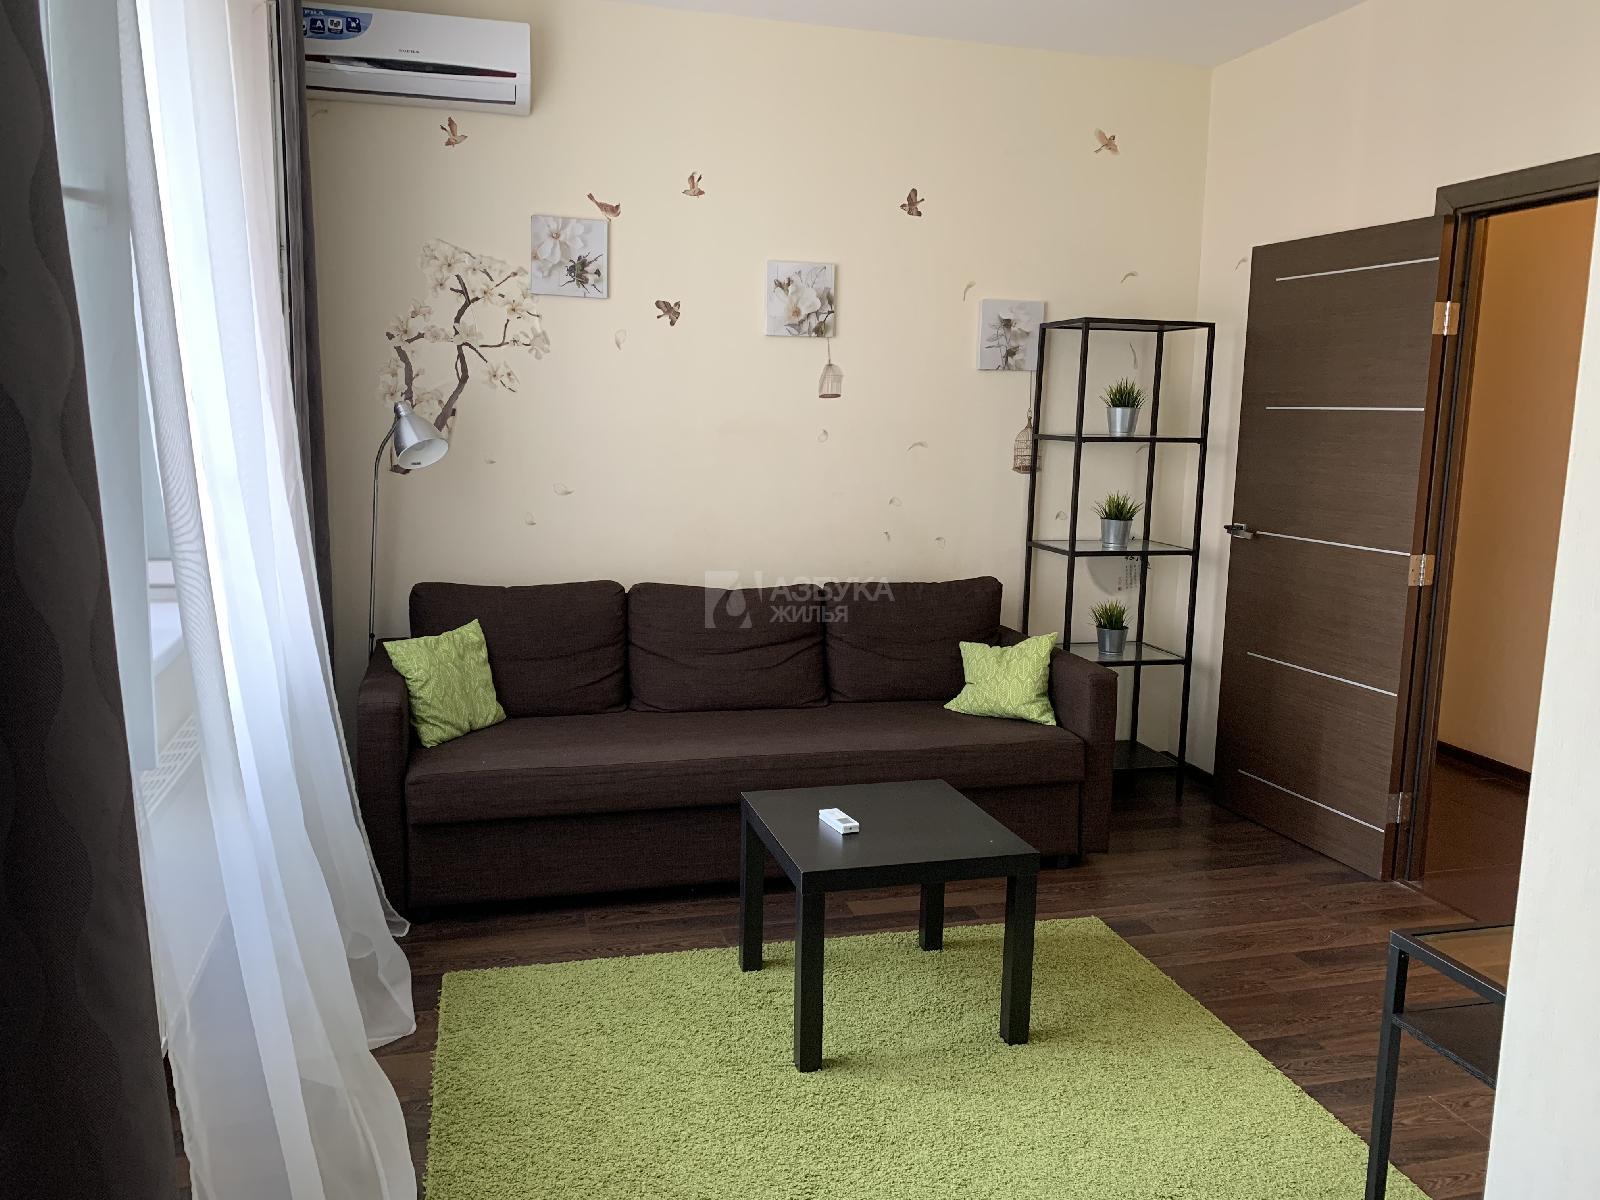 Фото №16 - 2-комнатная квартира, Москва, Митинская улица 28 корпус 2, метро Митино